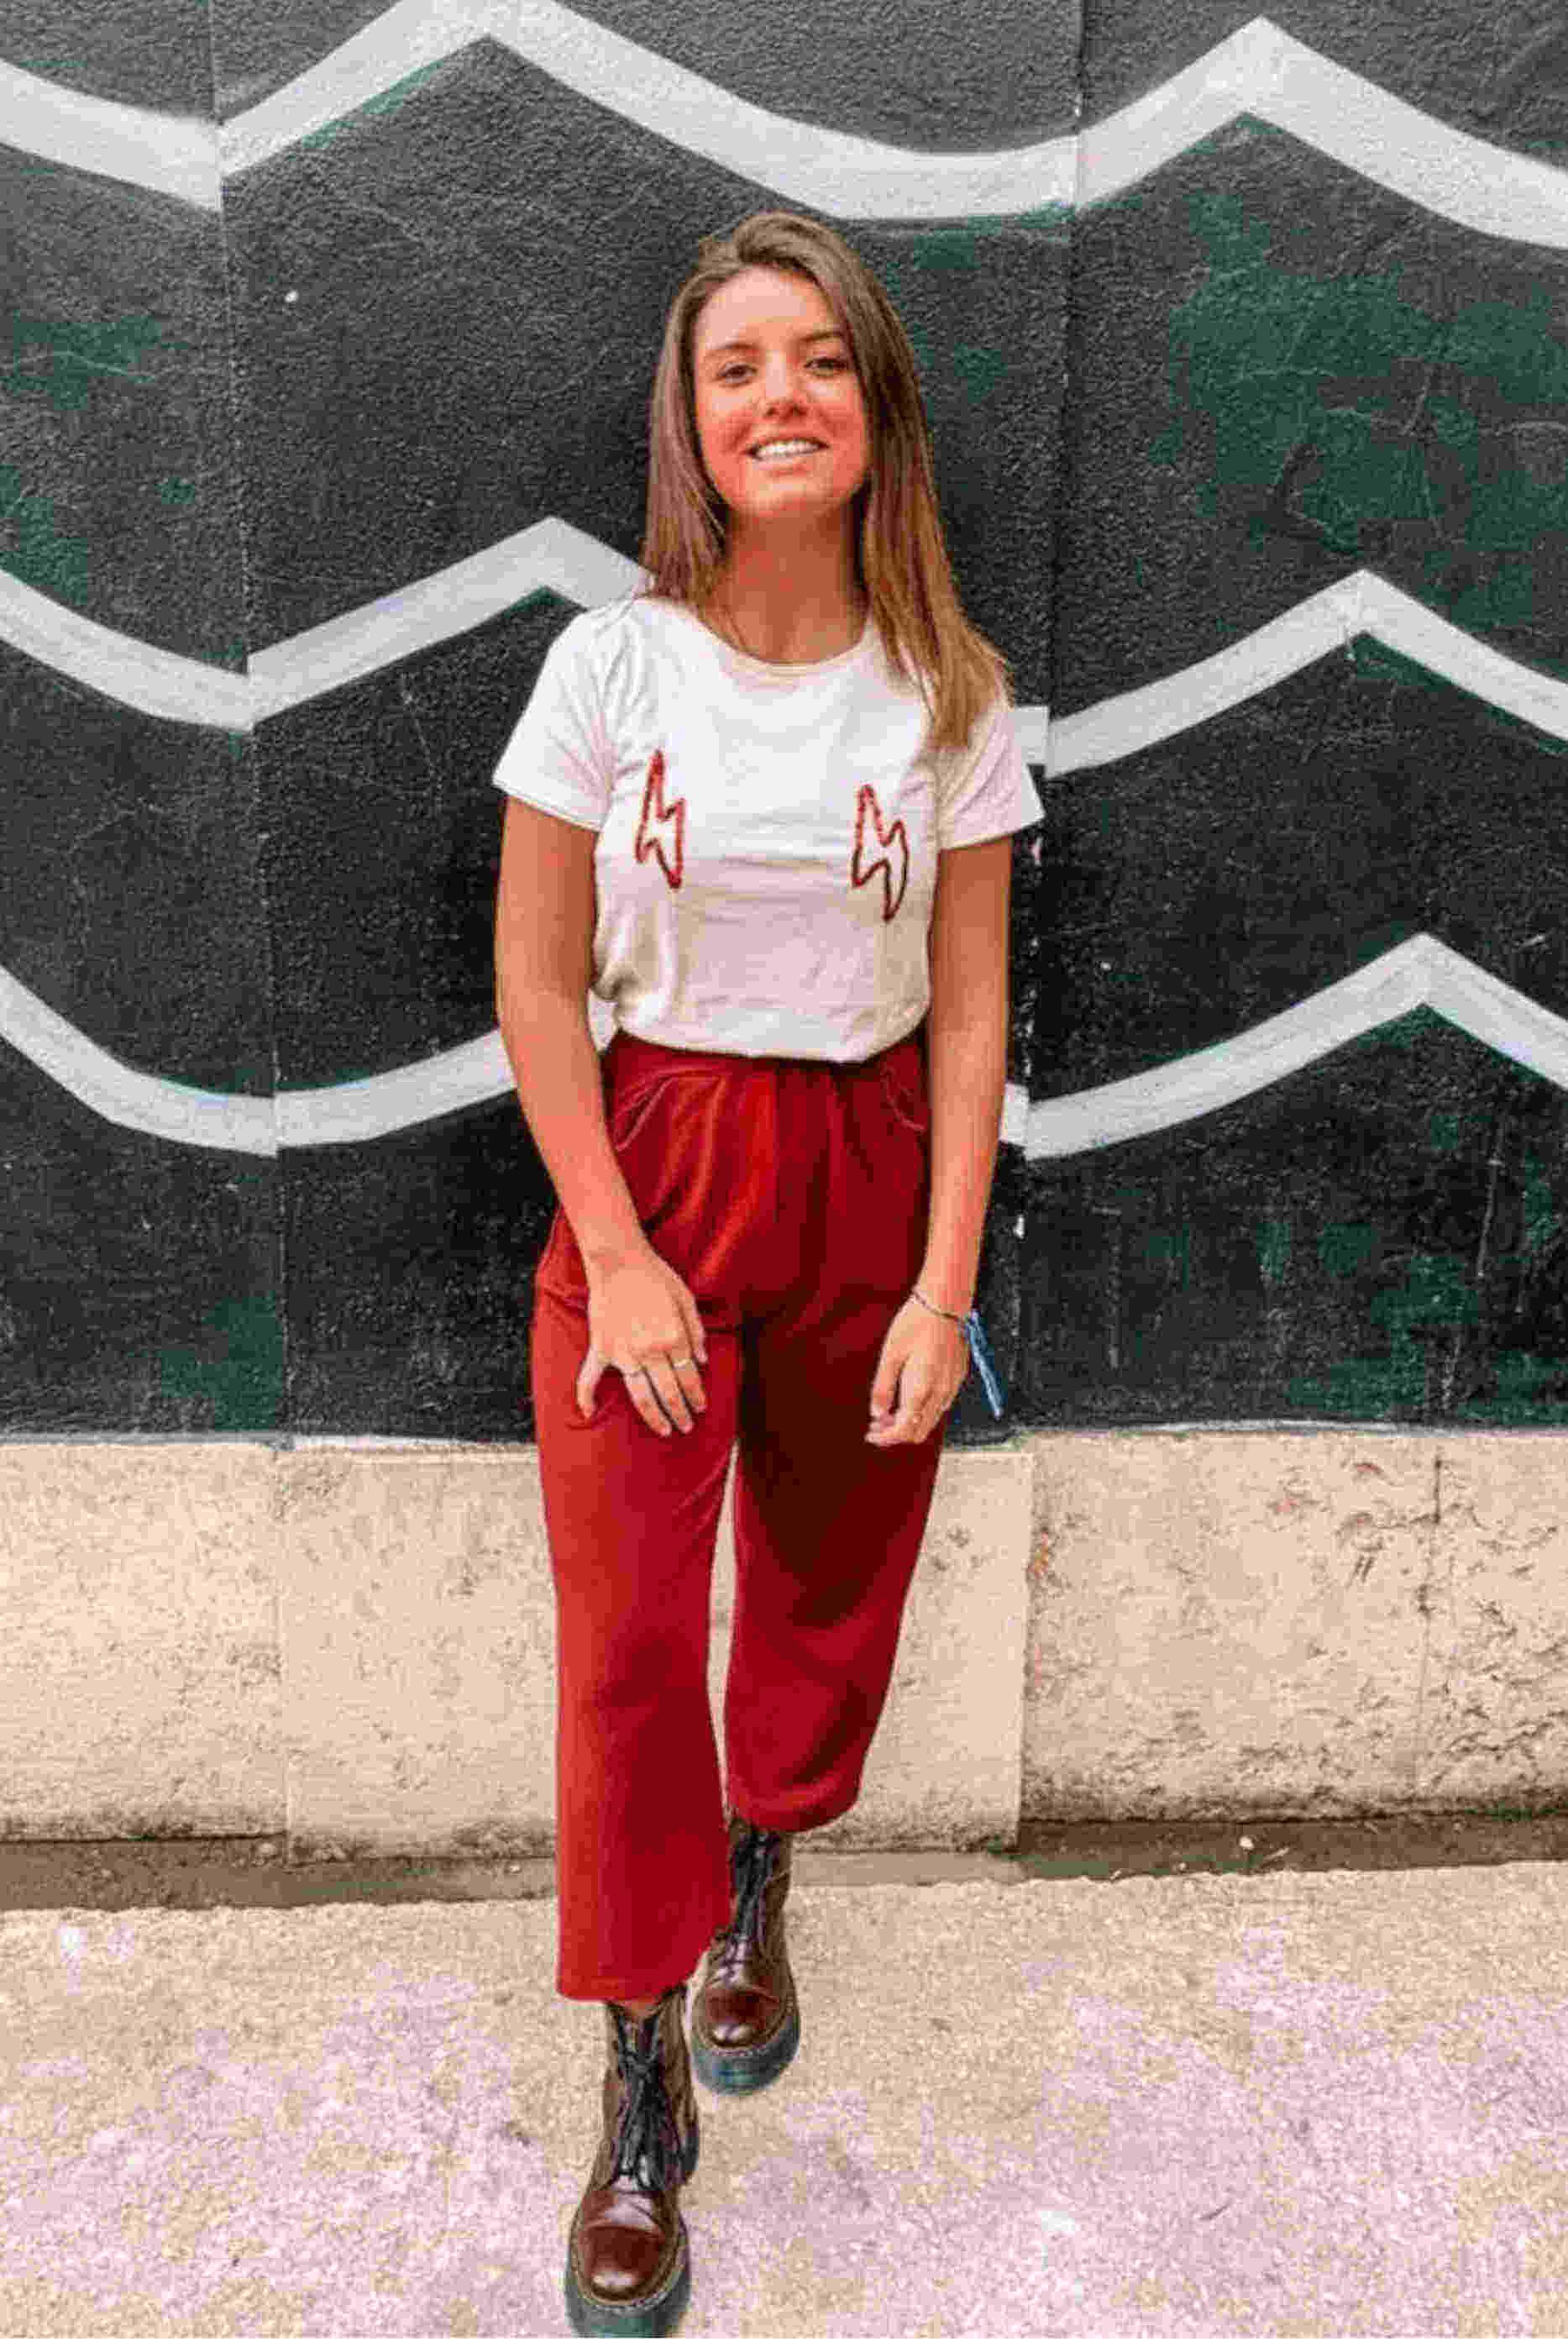 Inês Nogueira, a criadora da por.que.raio a usar uma t-shirt branca da sua marca.